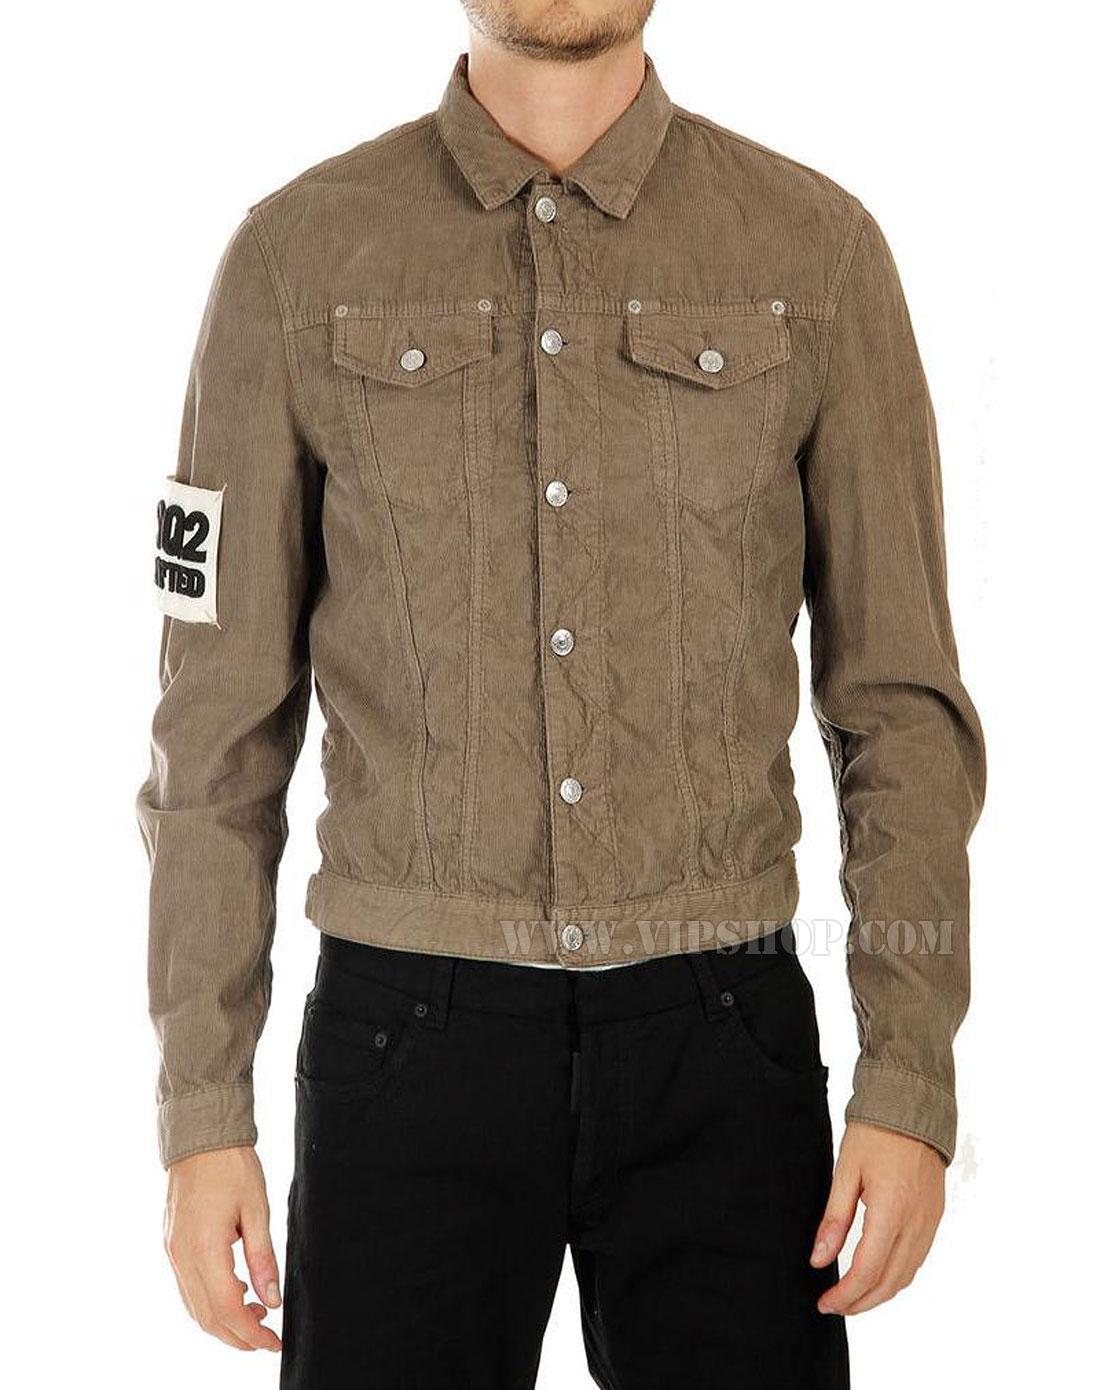 浅棕色外套怎么搭配